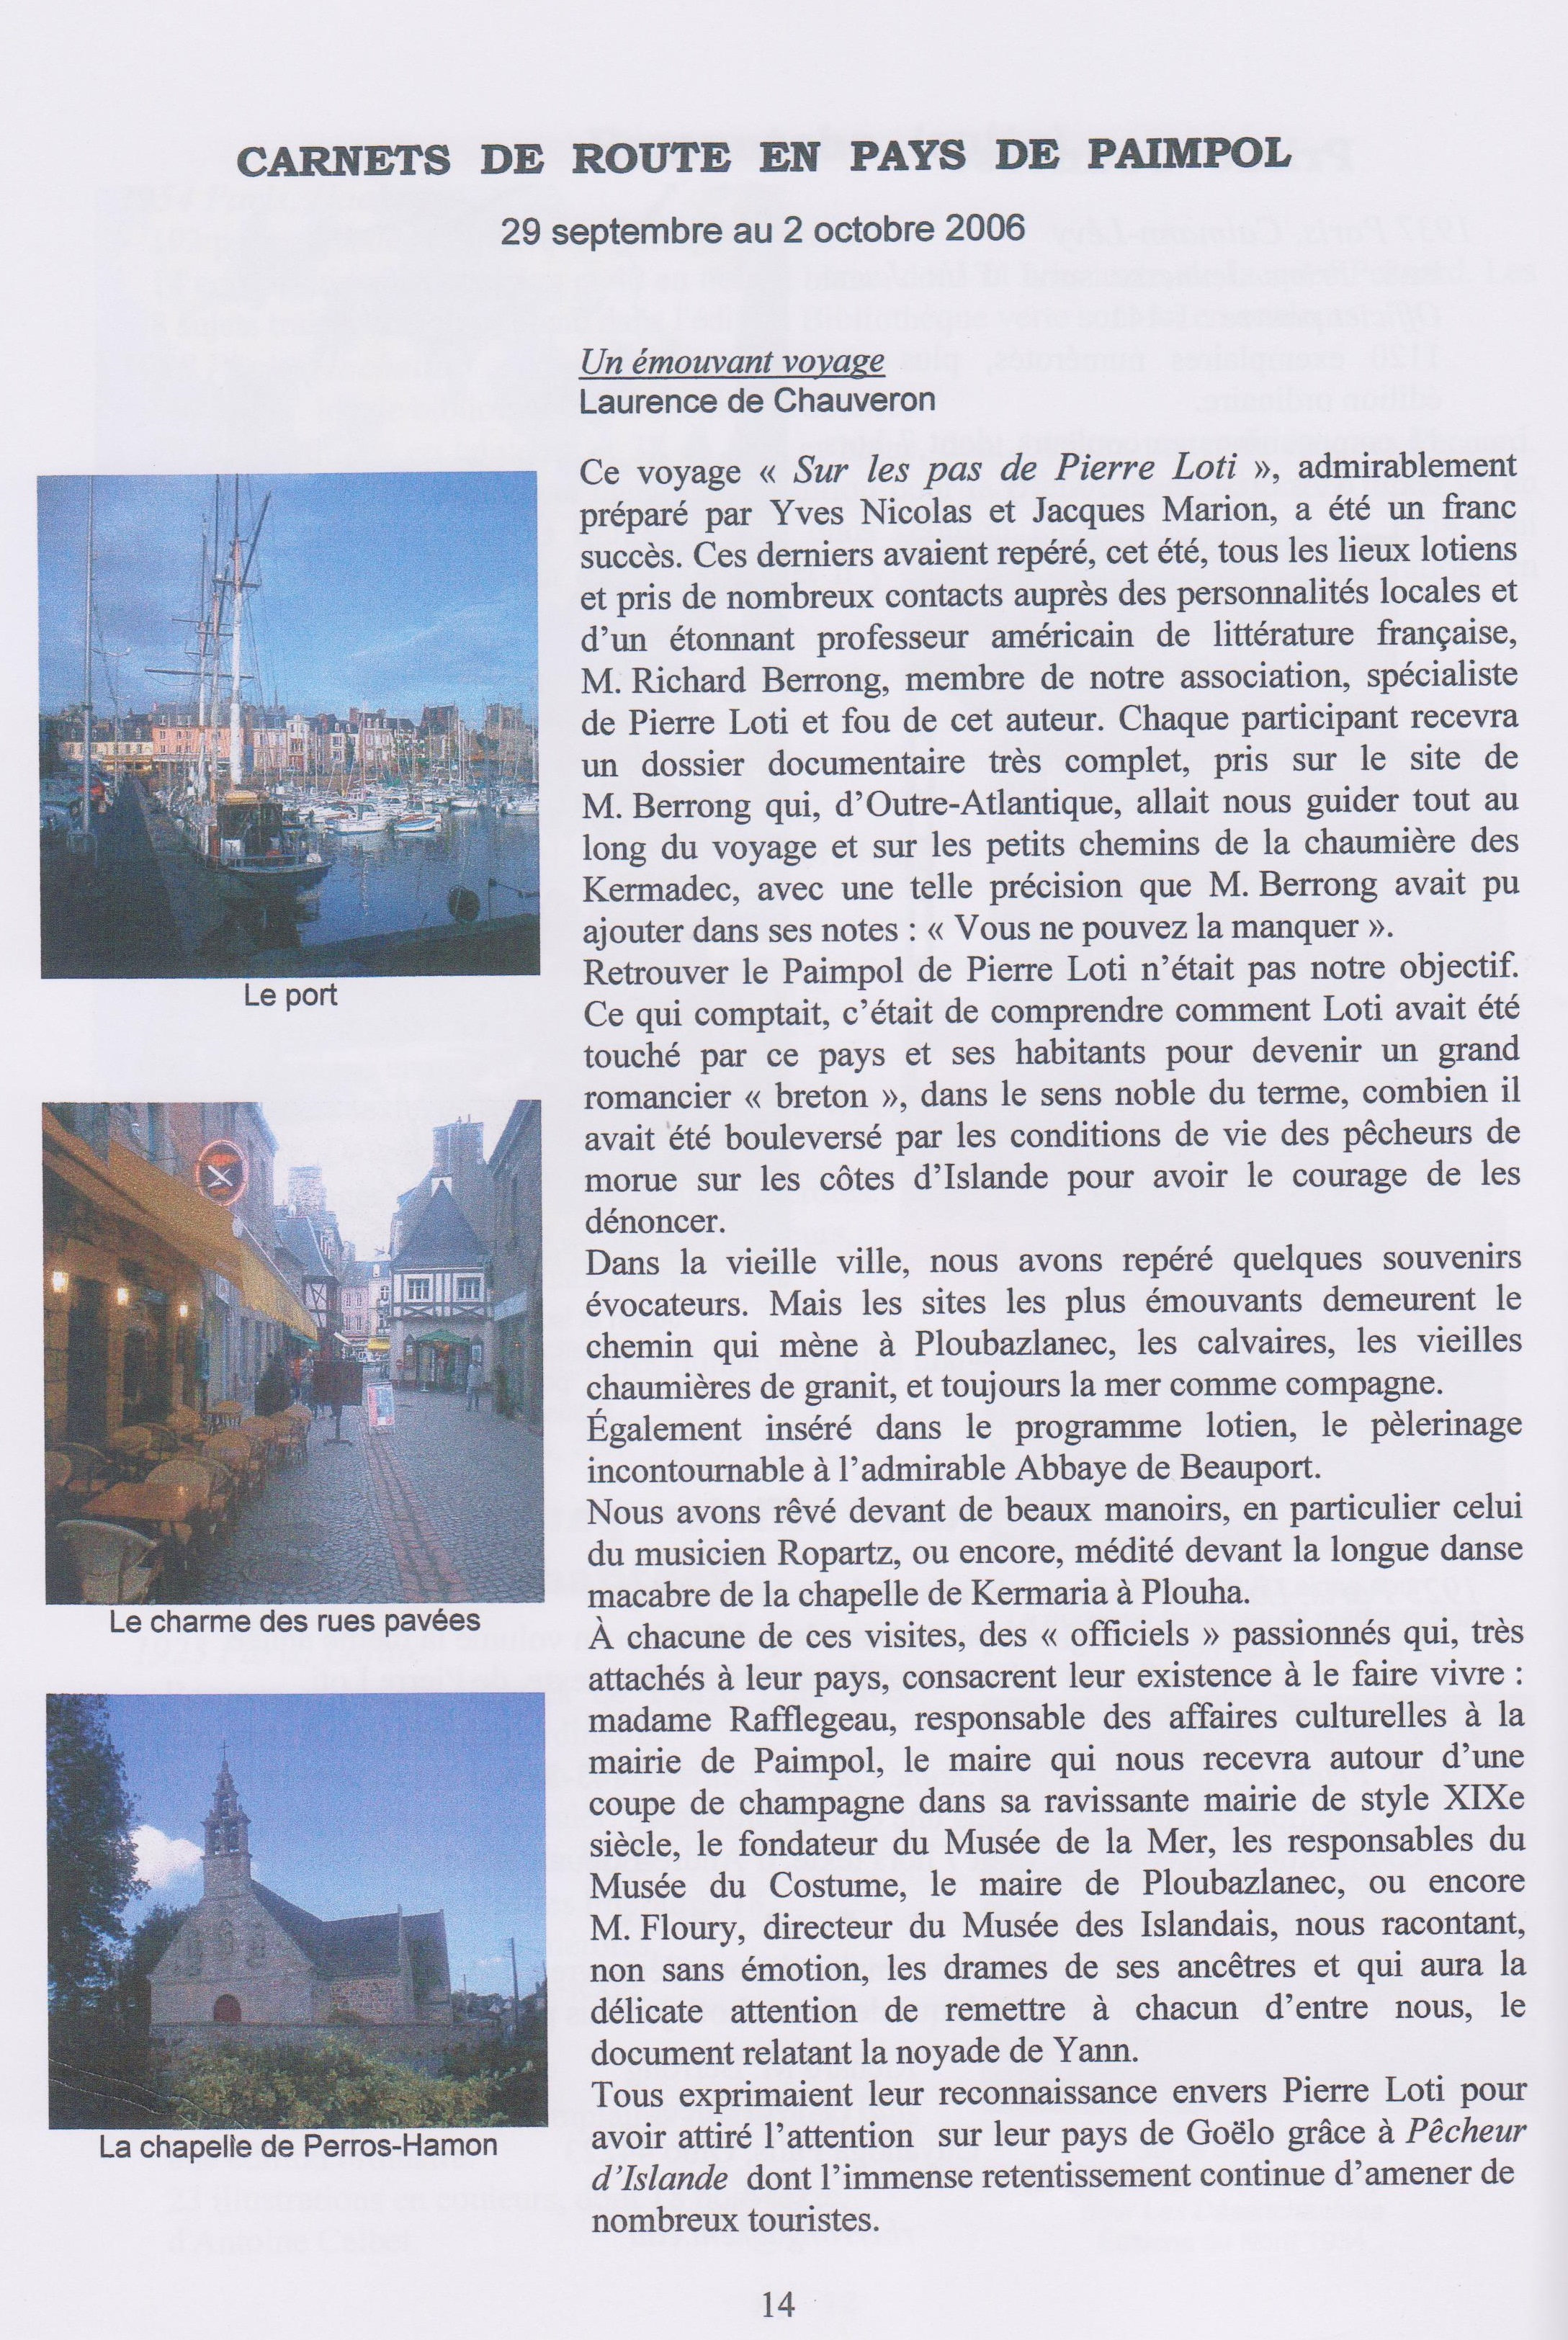 Voyage Paimpol 2006-page 14l